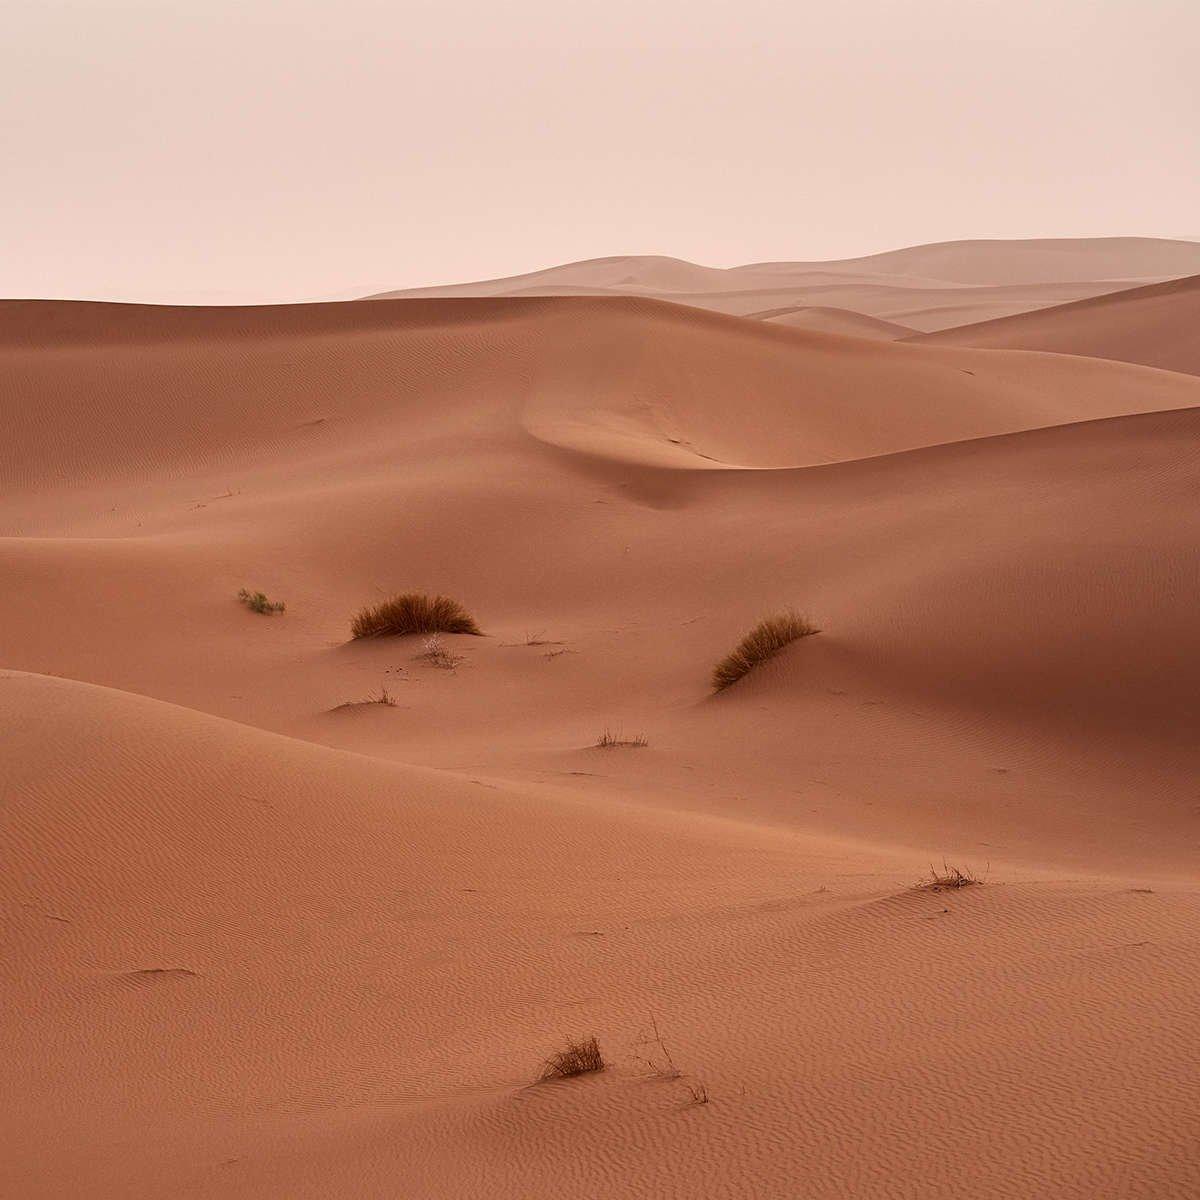 Desert landscape in Australia